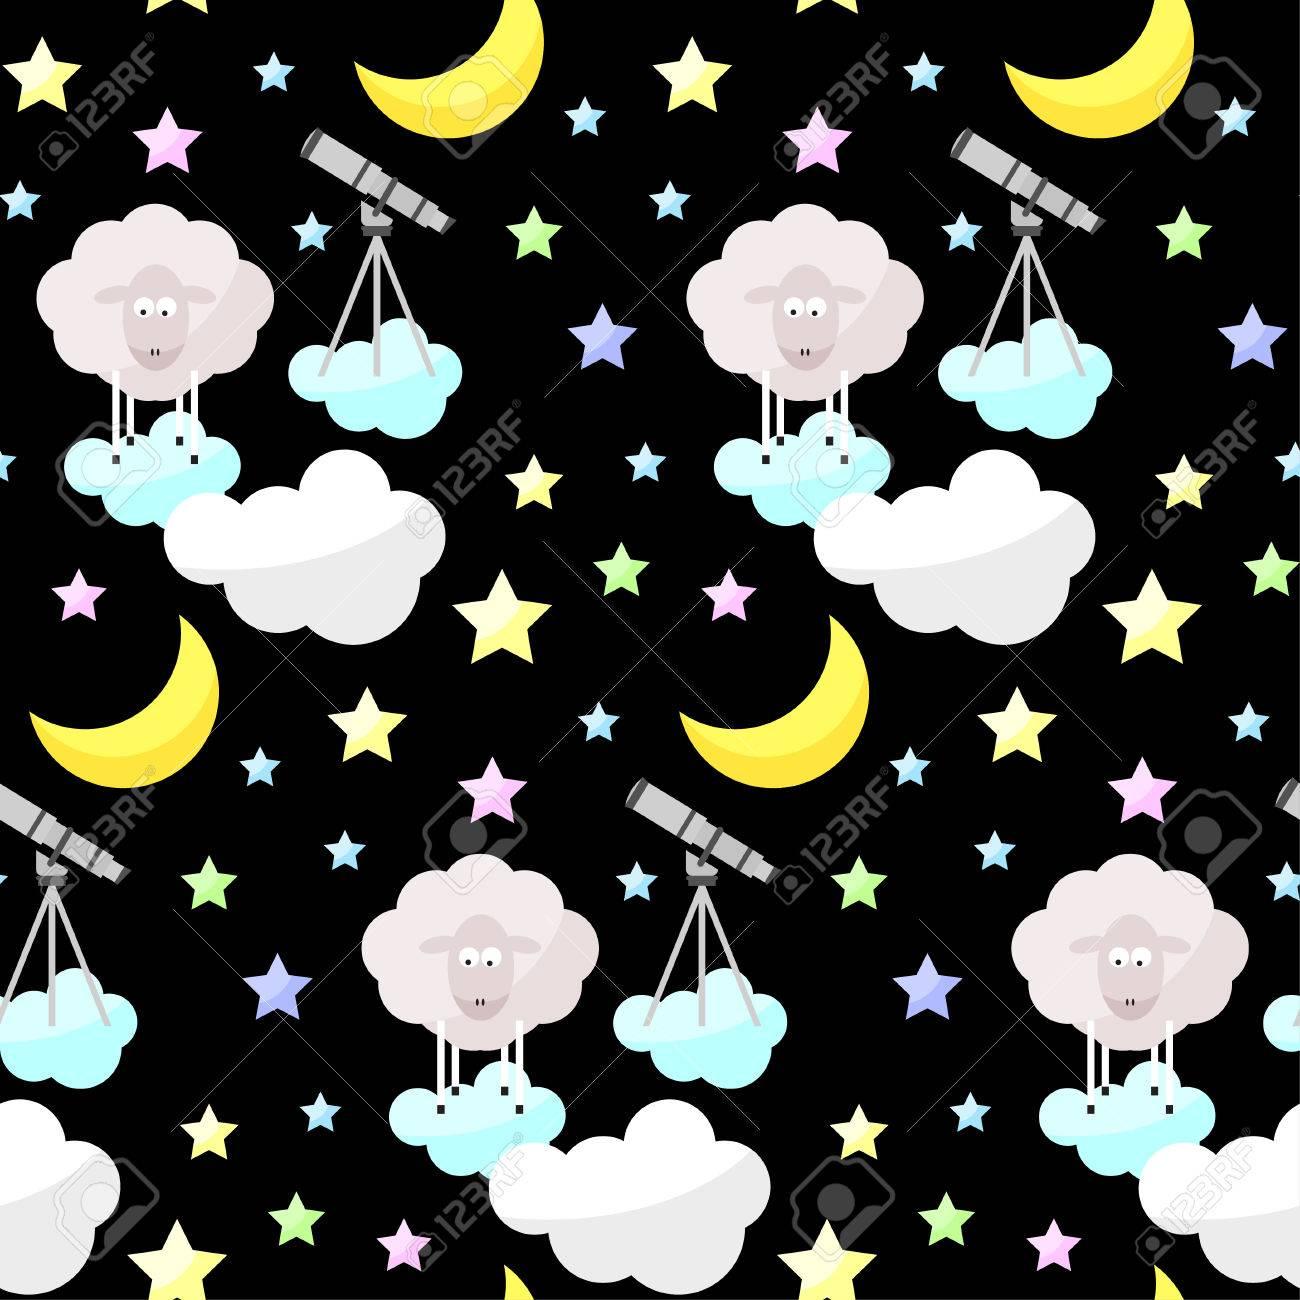 Childish Buona Notte Luminosa Vettoriale Divertente Senza Soluzione Di Continuità Di Fondo Del Modello Luna Del Fumetto Nube Stella Pecore